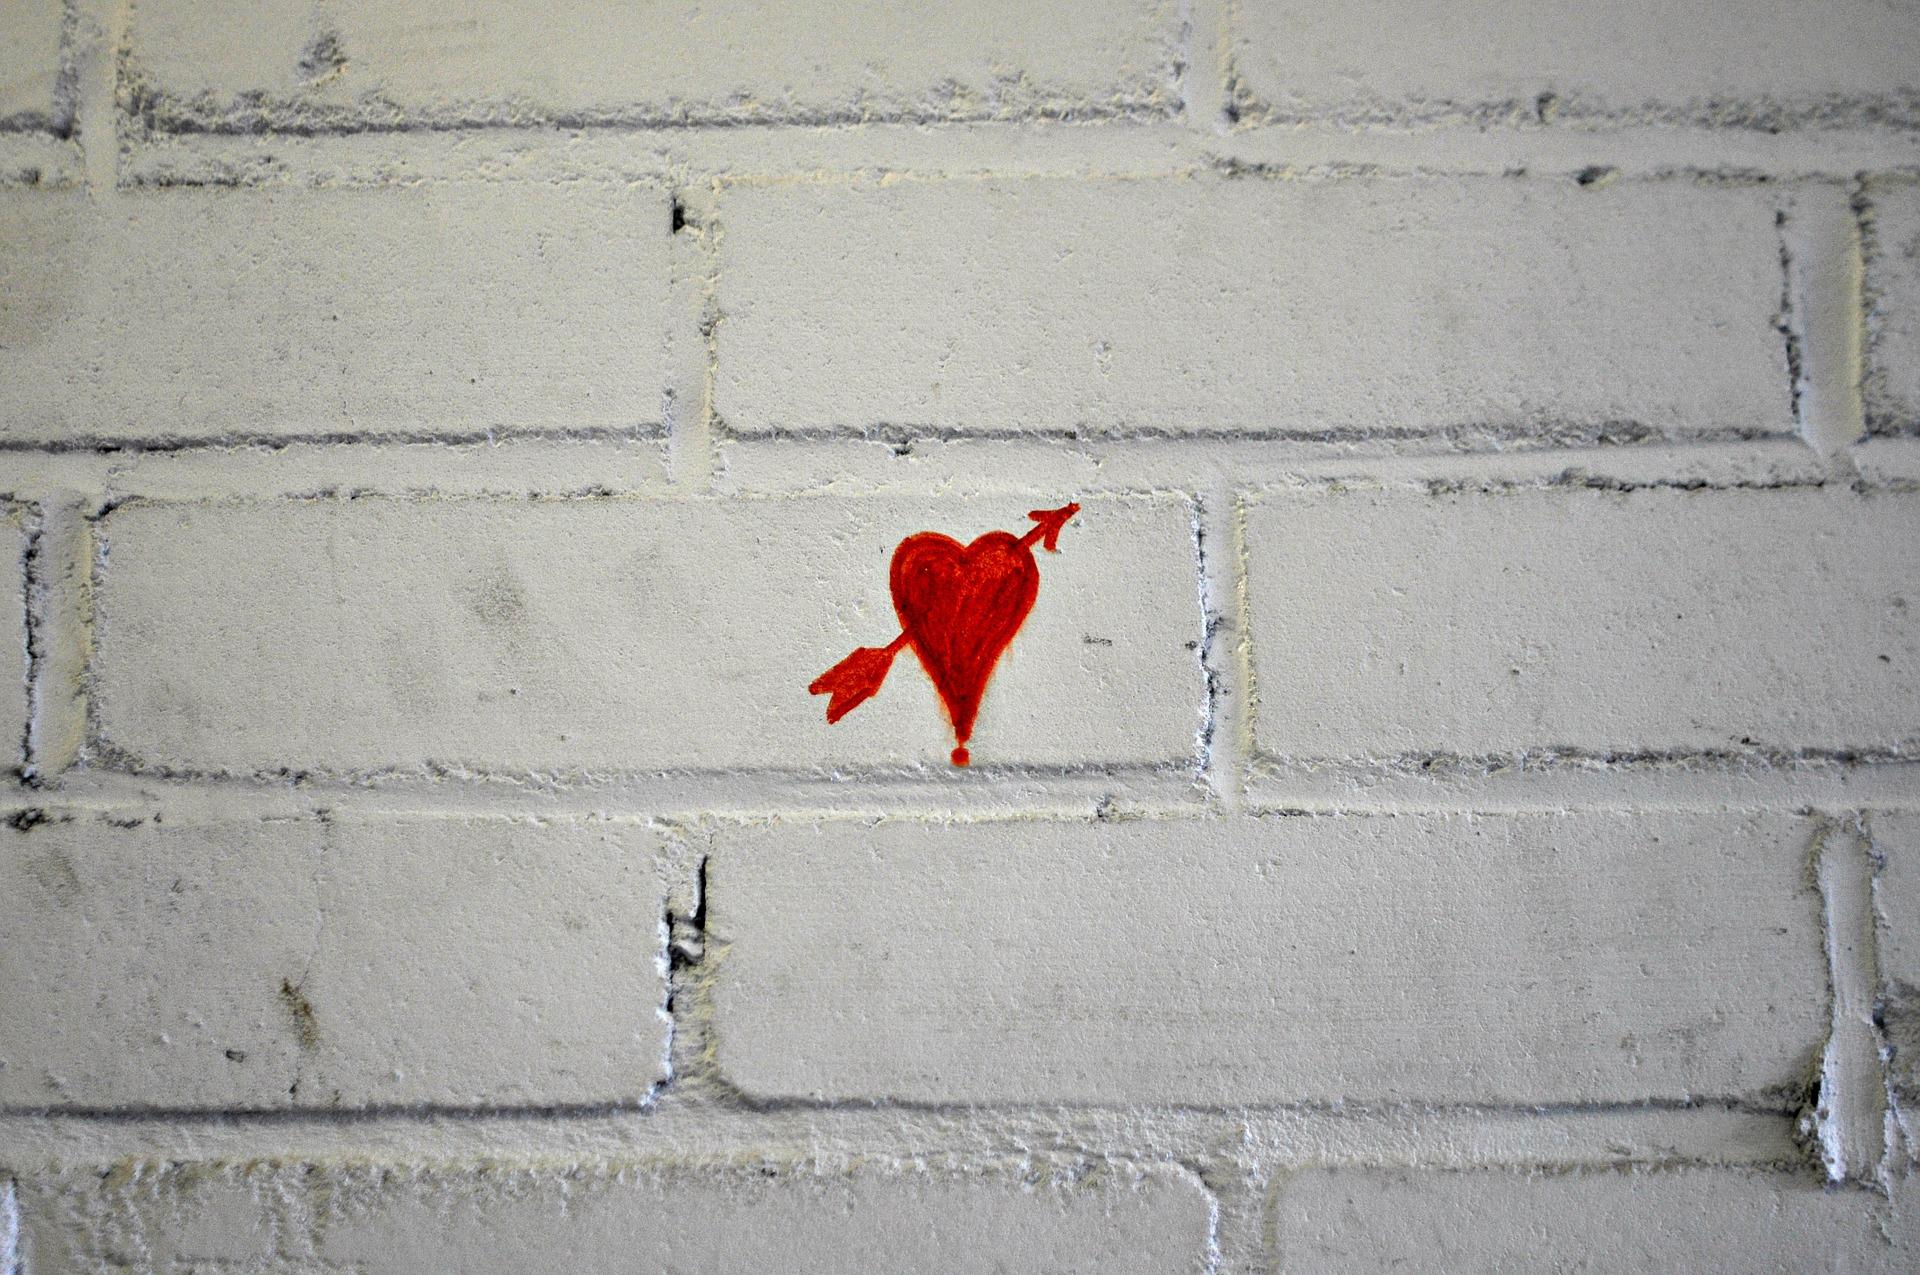 graffiti-1415297_1920.jpg